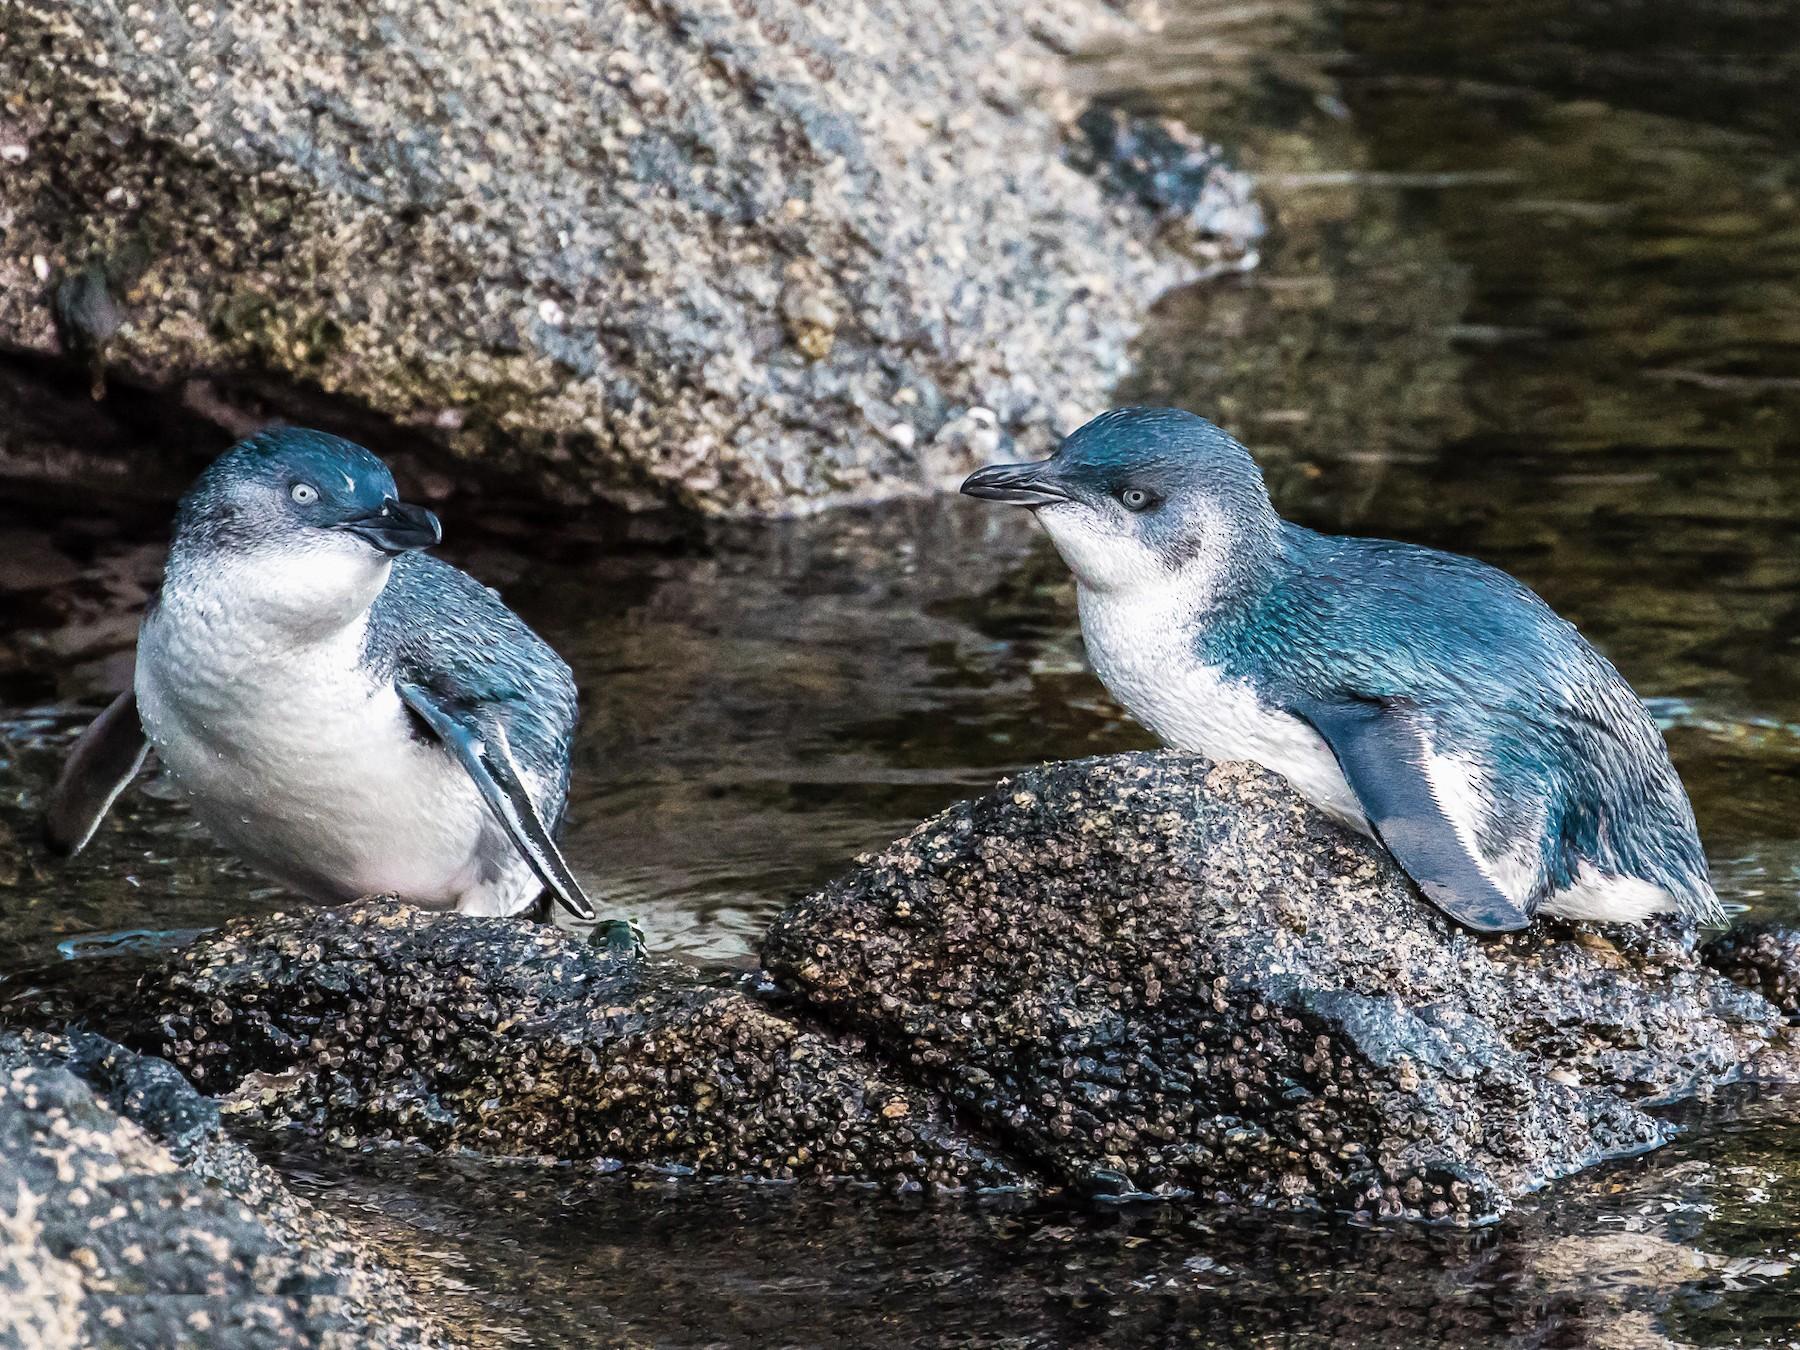 Little Penguin - graichen & recer